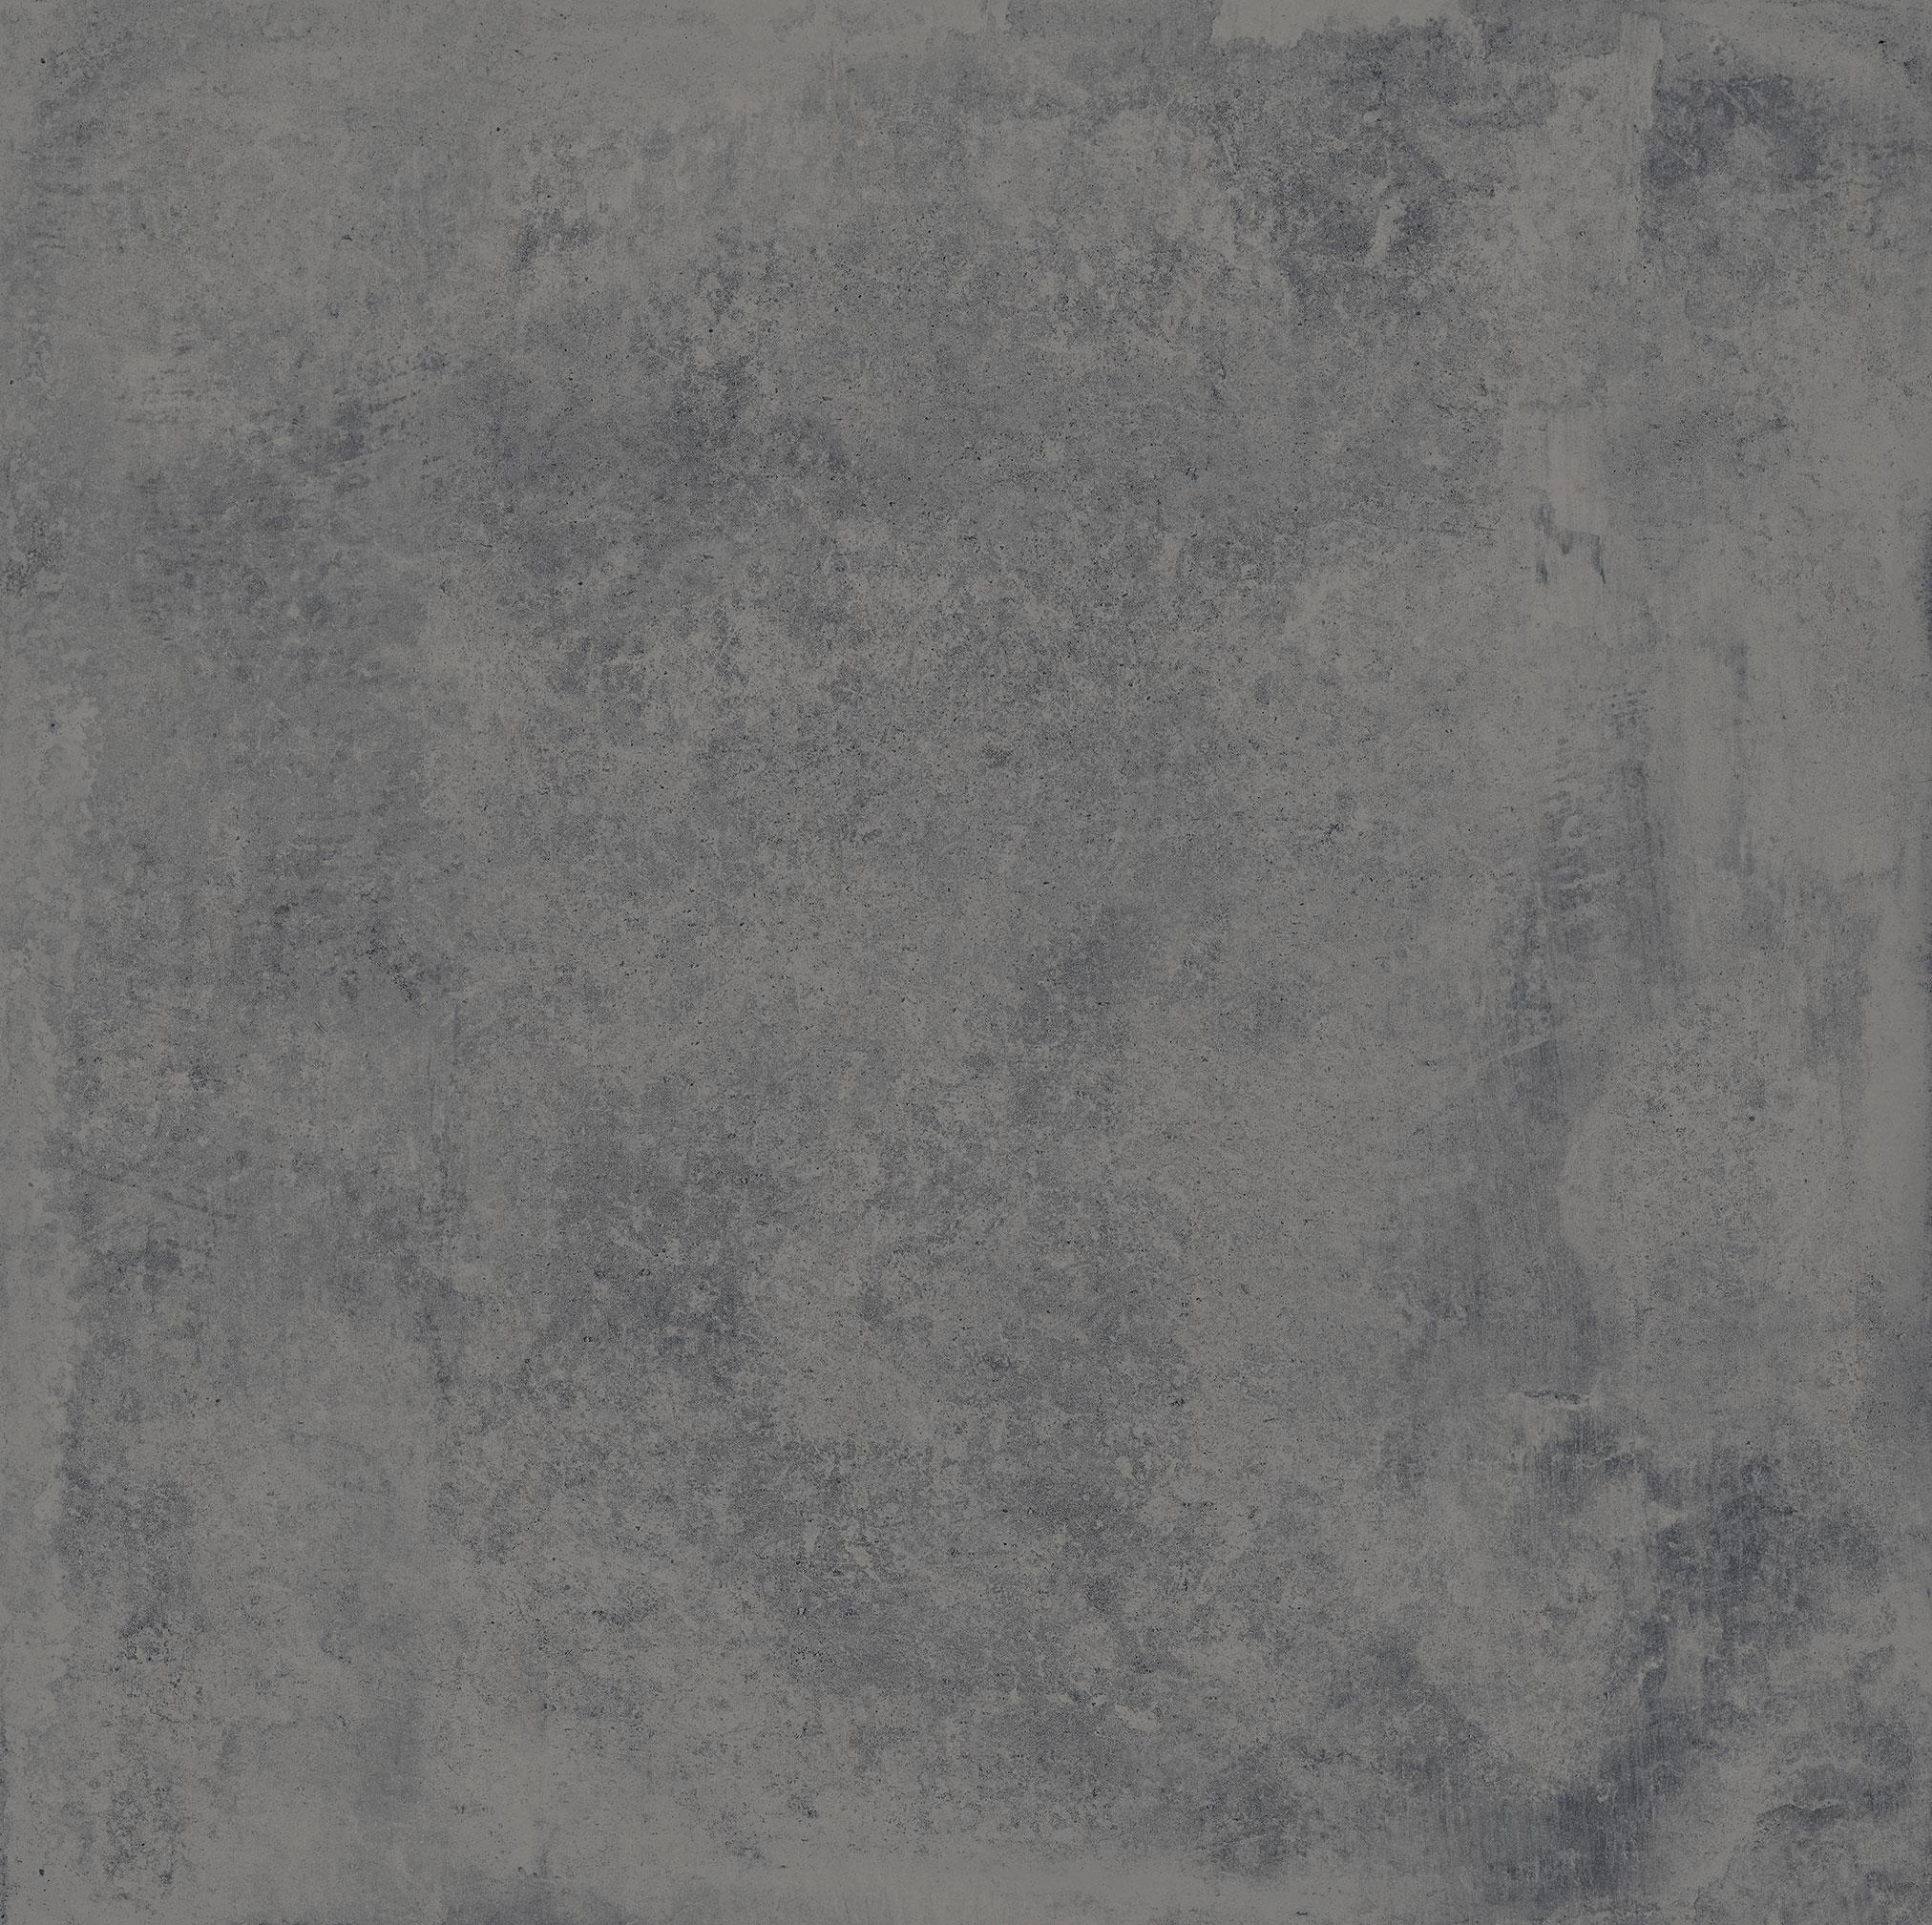 ARGON Marengo 75x75, 60x60, 30x60 and 30x30 Natural ADZ Natural Rectified